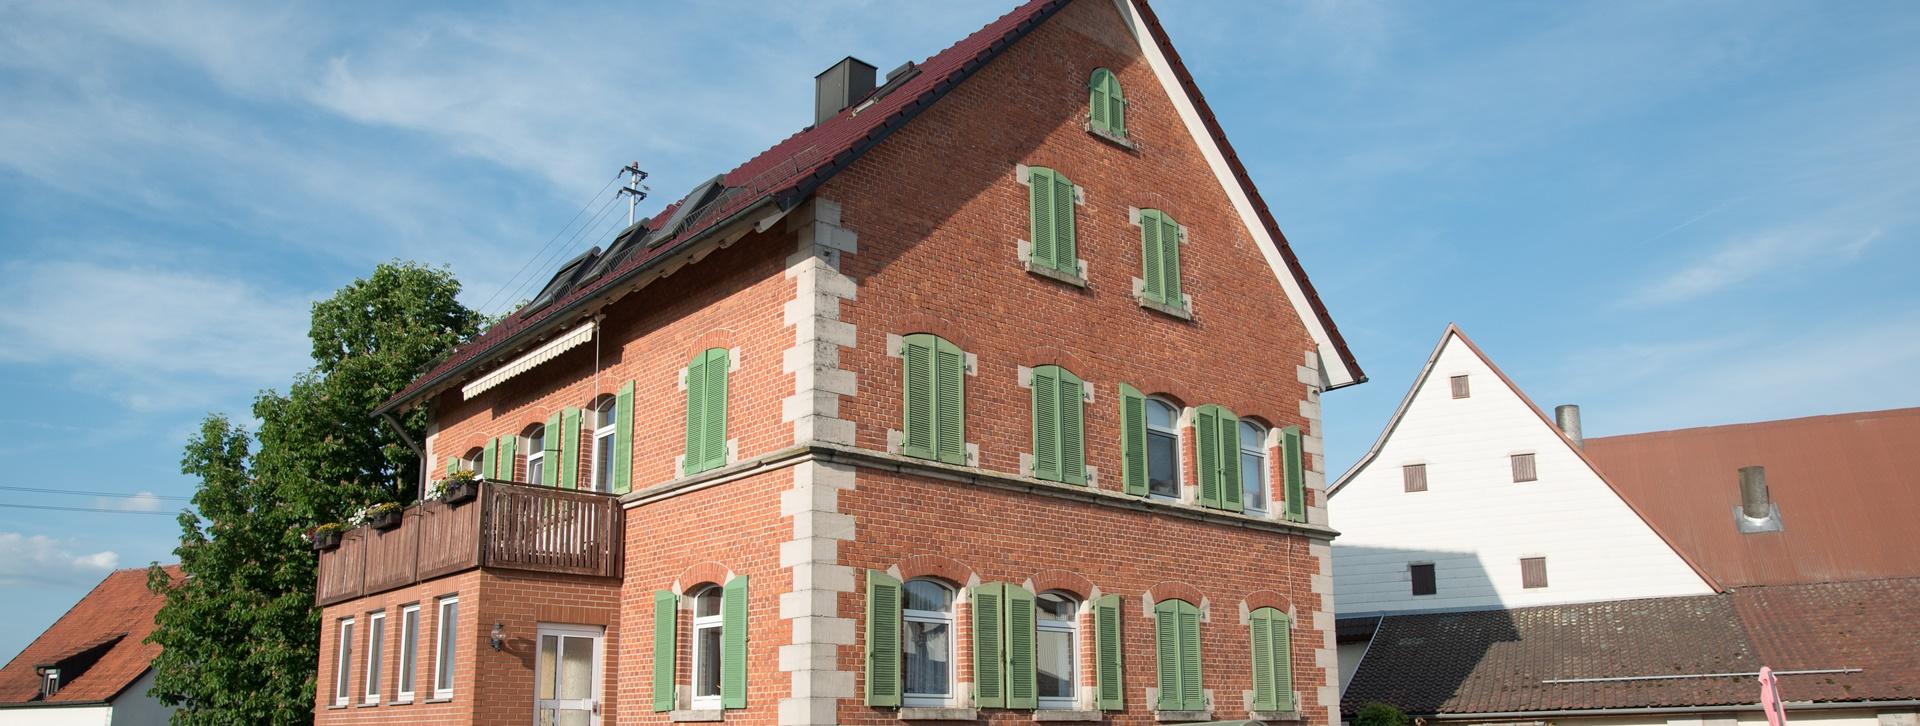 Bauernhaus Rainer, Andreas Mueller Rems-Murr-Schwein